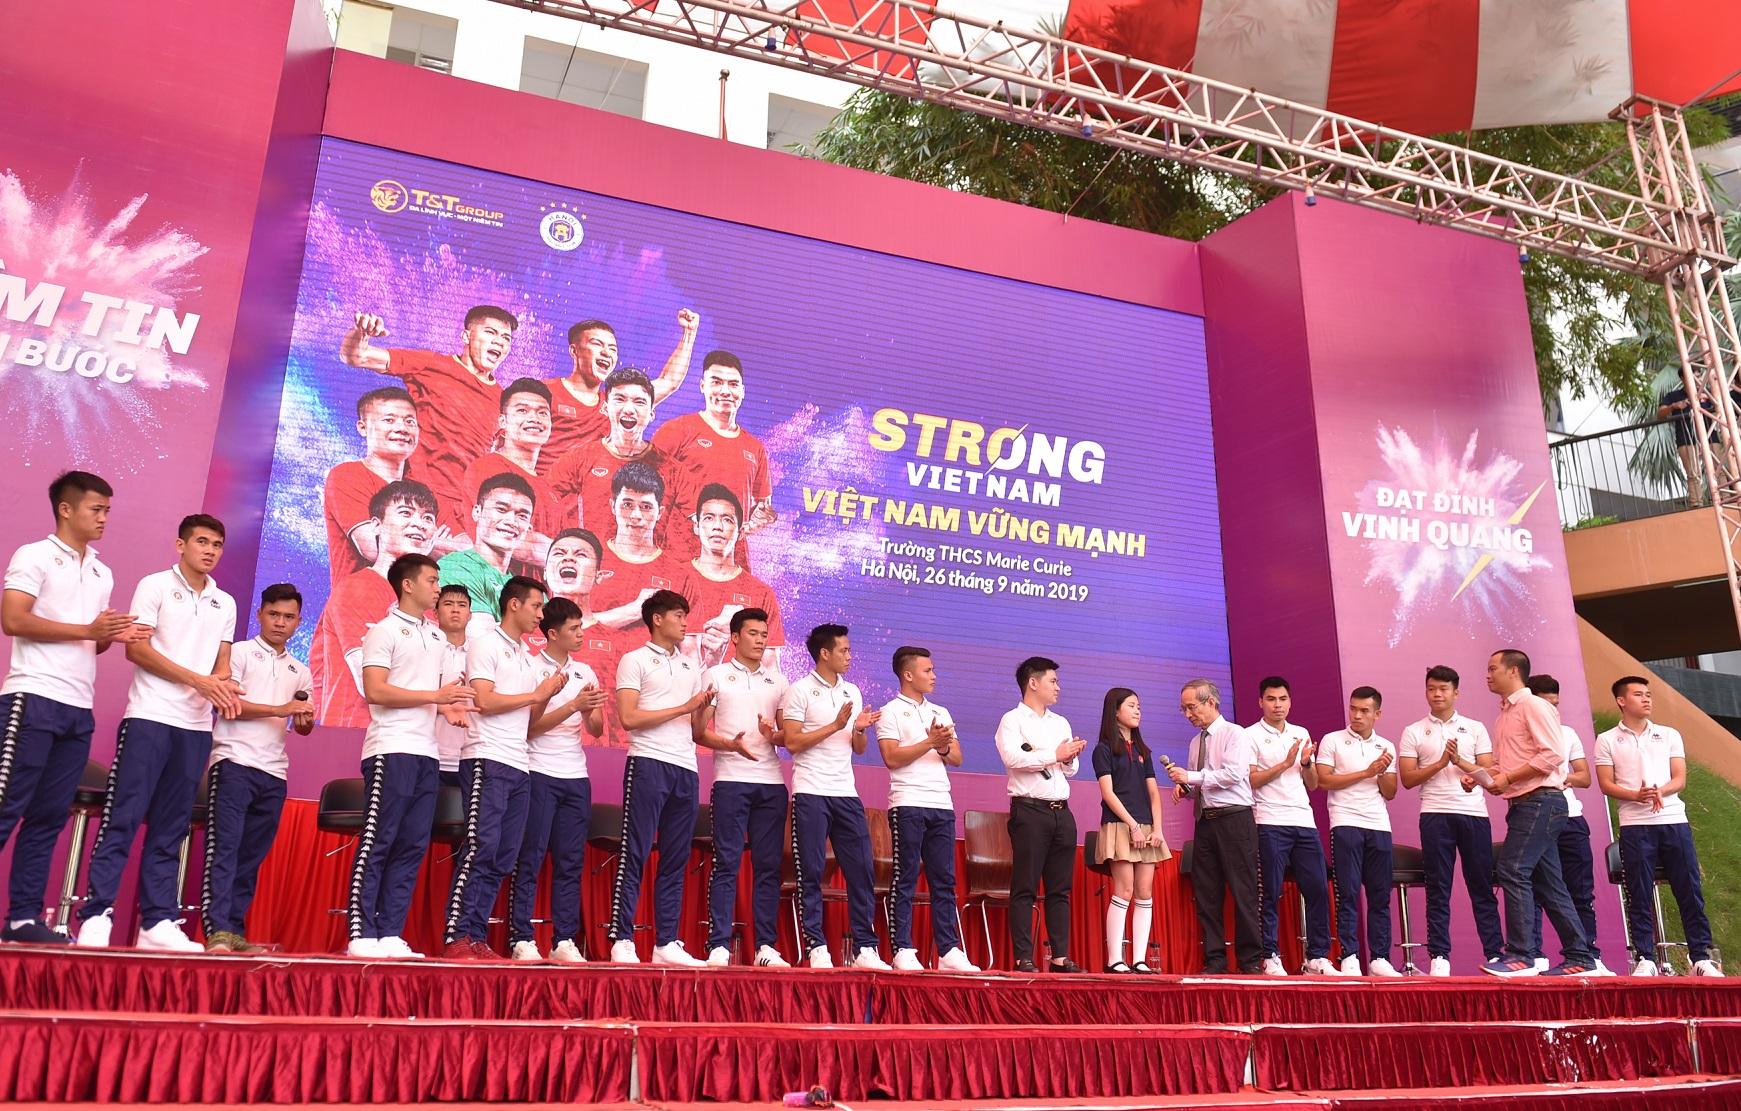 CLB bóng đá Hà Nội tổ chức sinh nhật cho Duy Mạnh ở trường THCS Marie Curie  - Ảnh 1